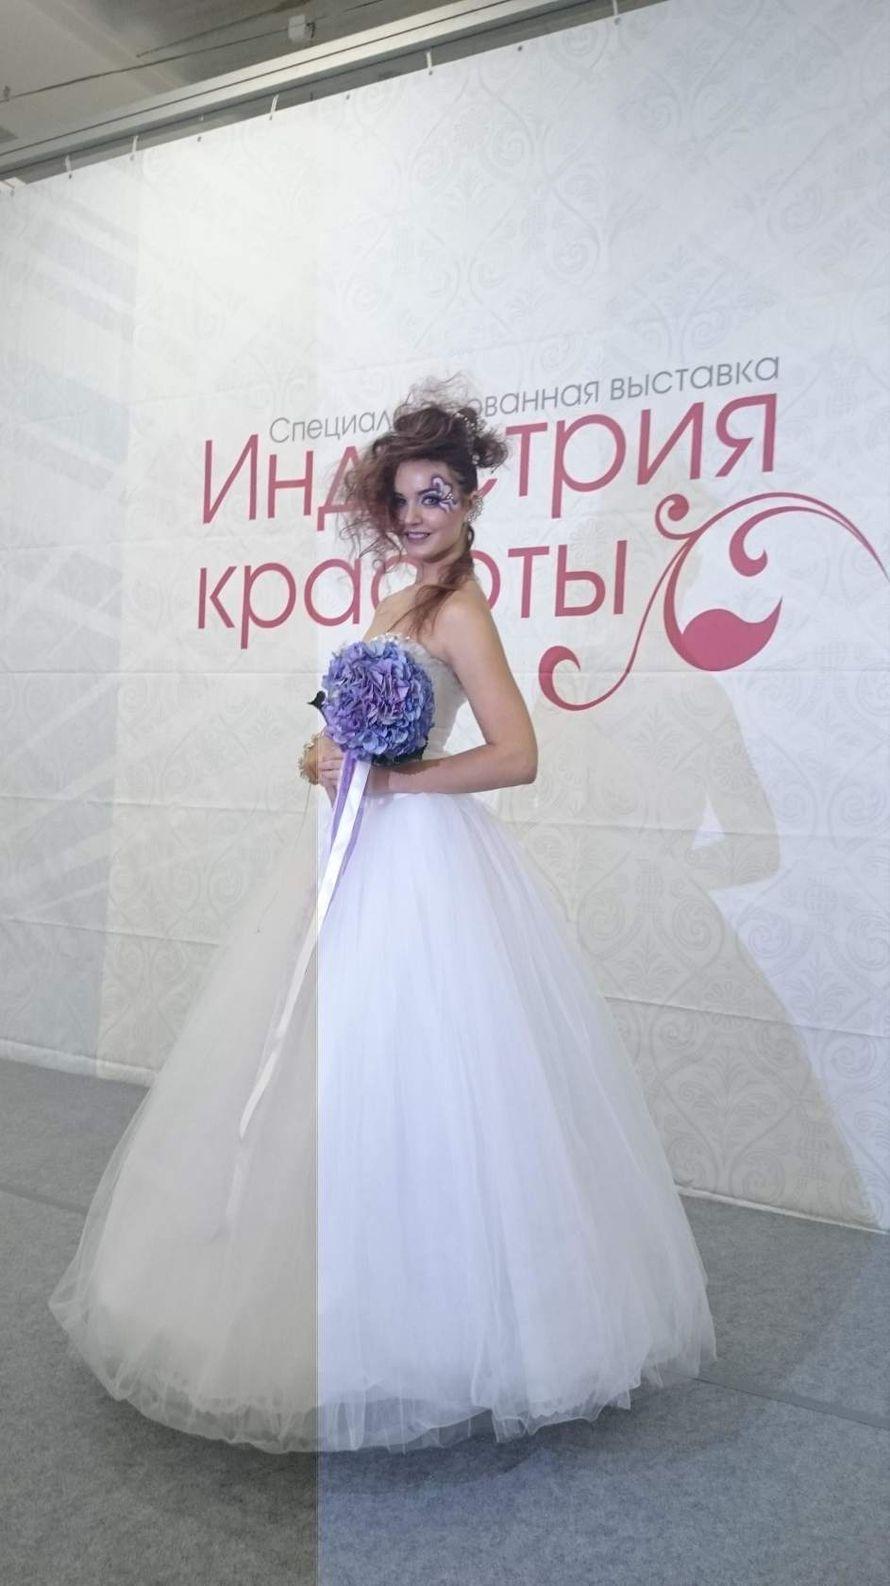 Фото 14172246 в коллекции Портфолио - Визажист-стилист Ольга Кильтау